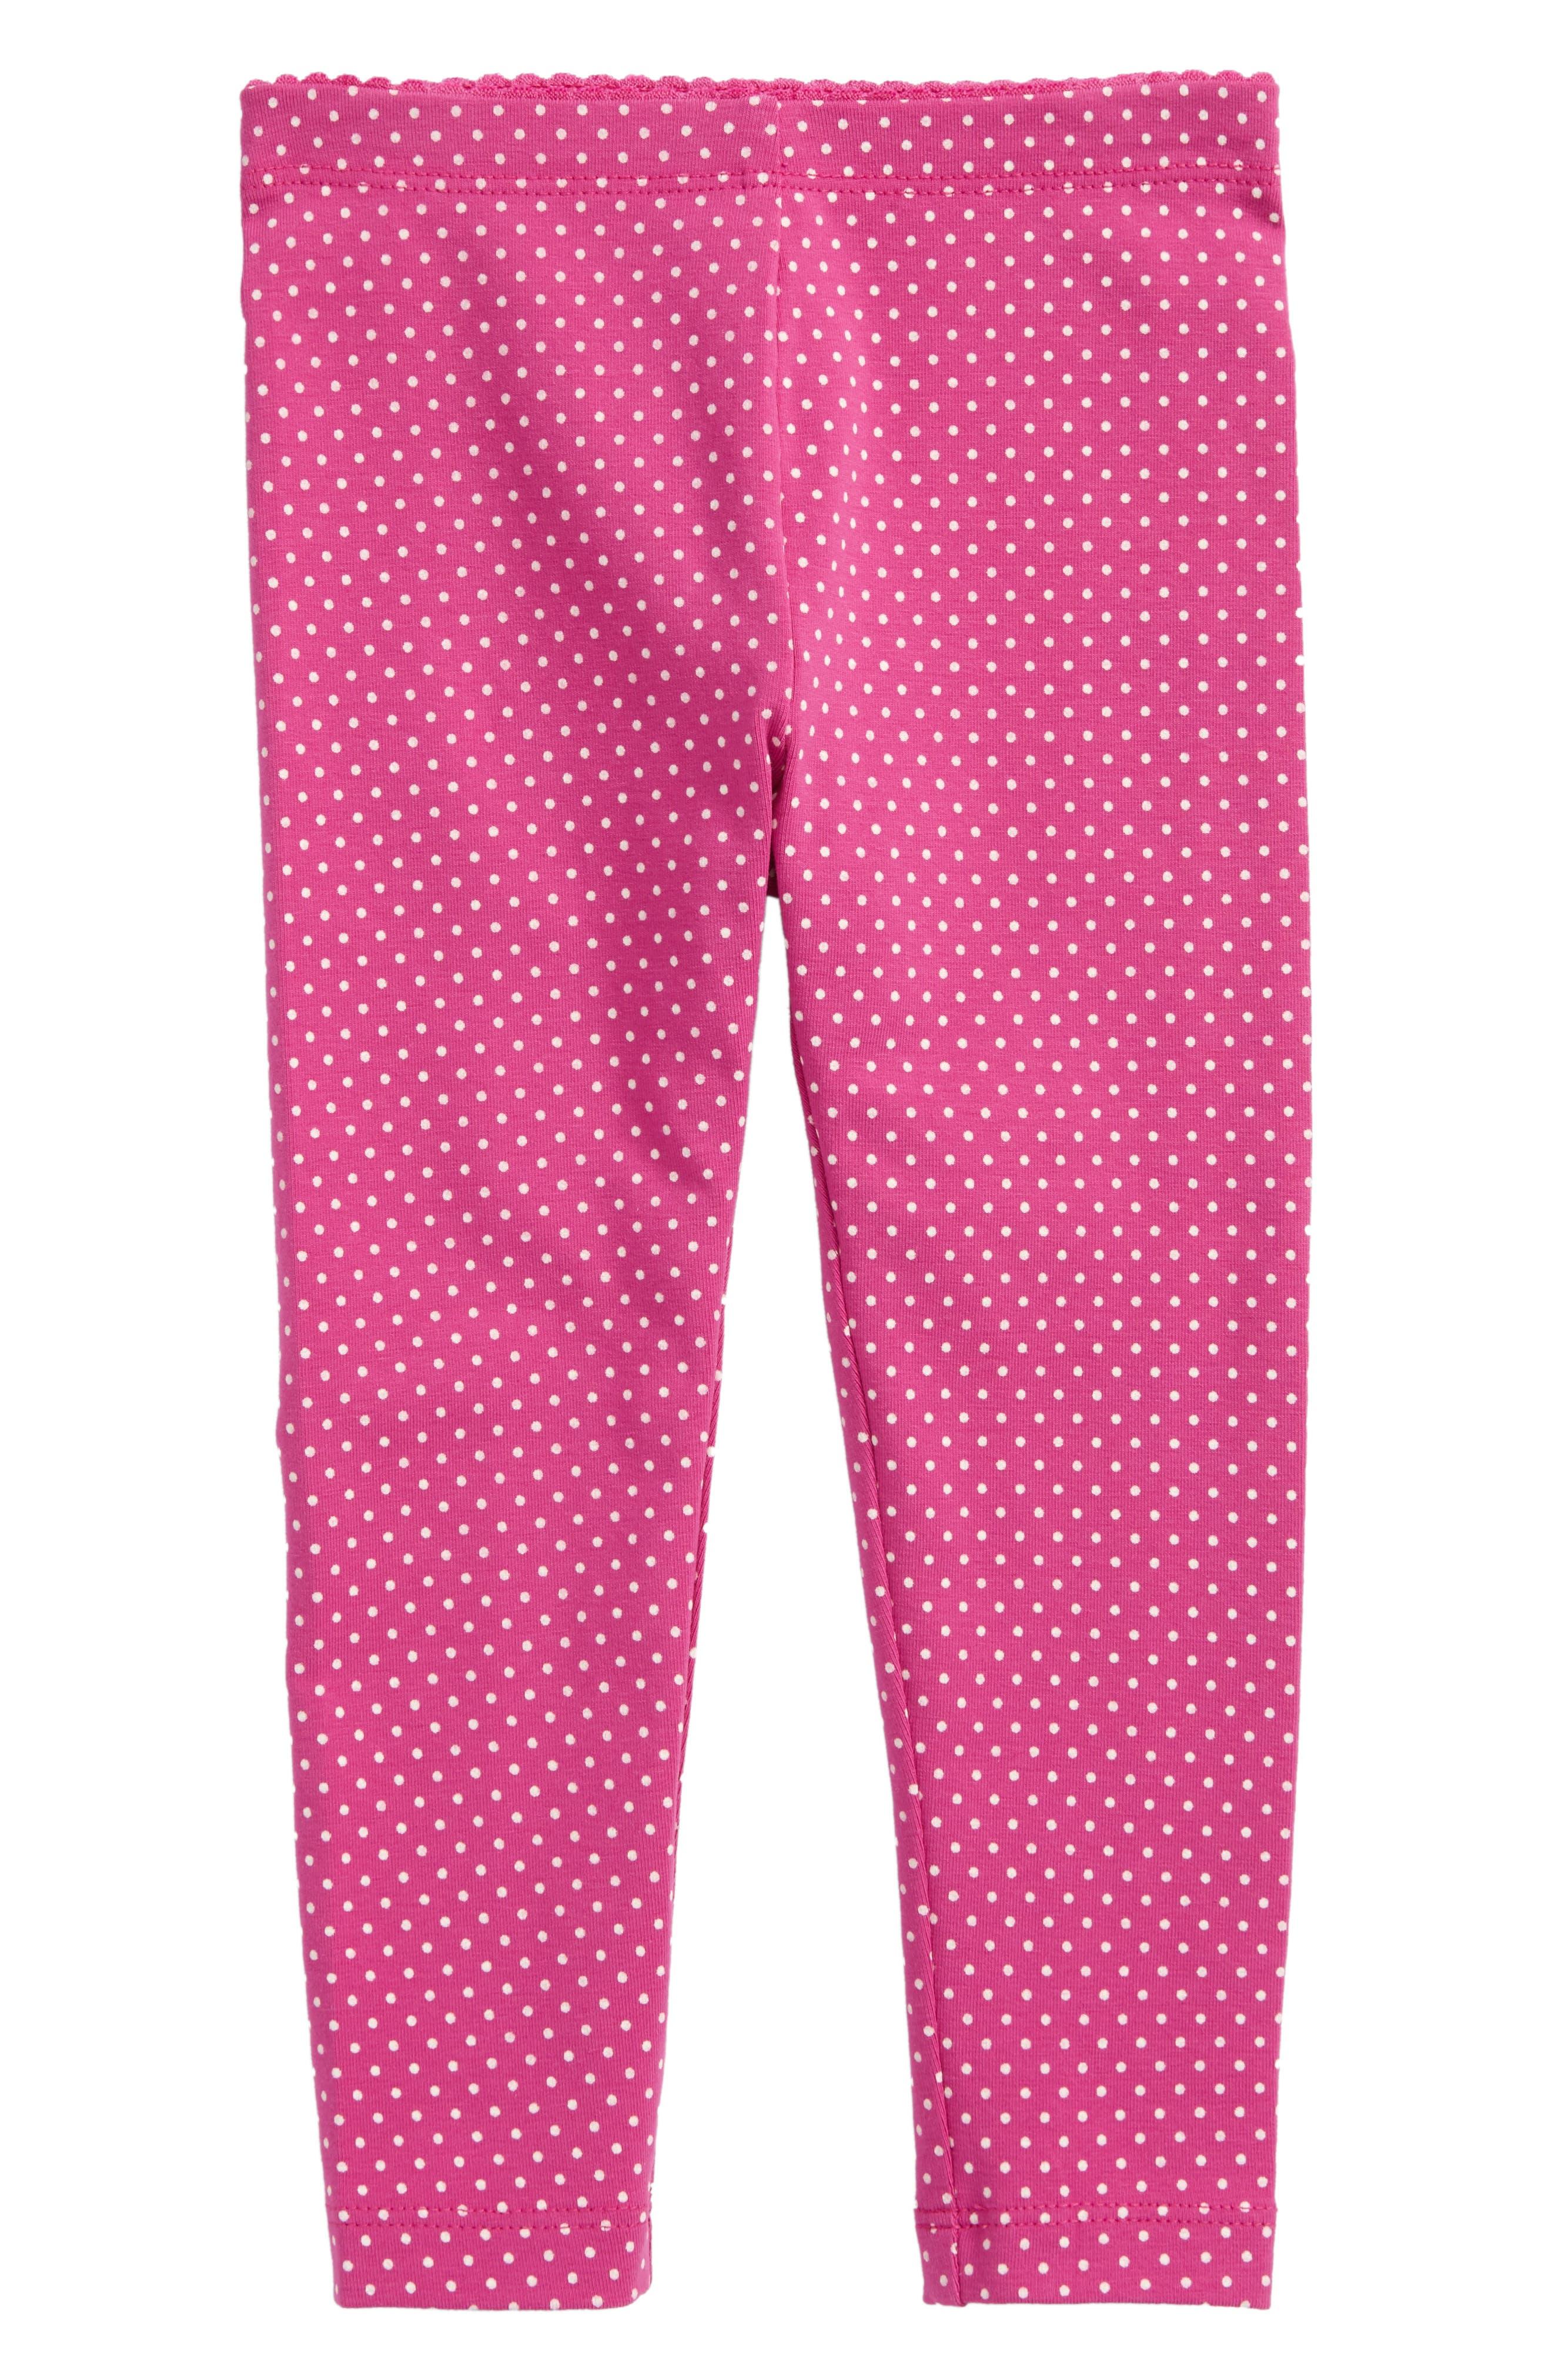 Main Image - Tea Collection Pin Dot Leggings (Baby Girls)